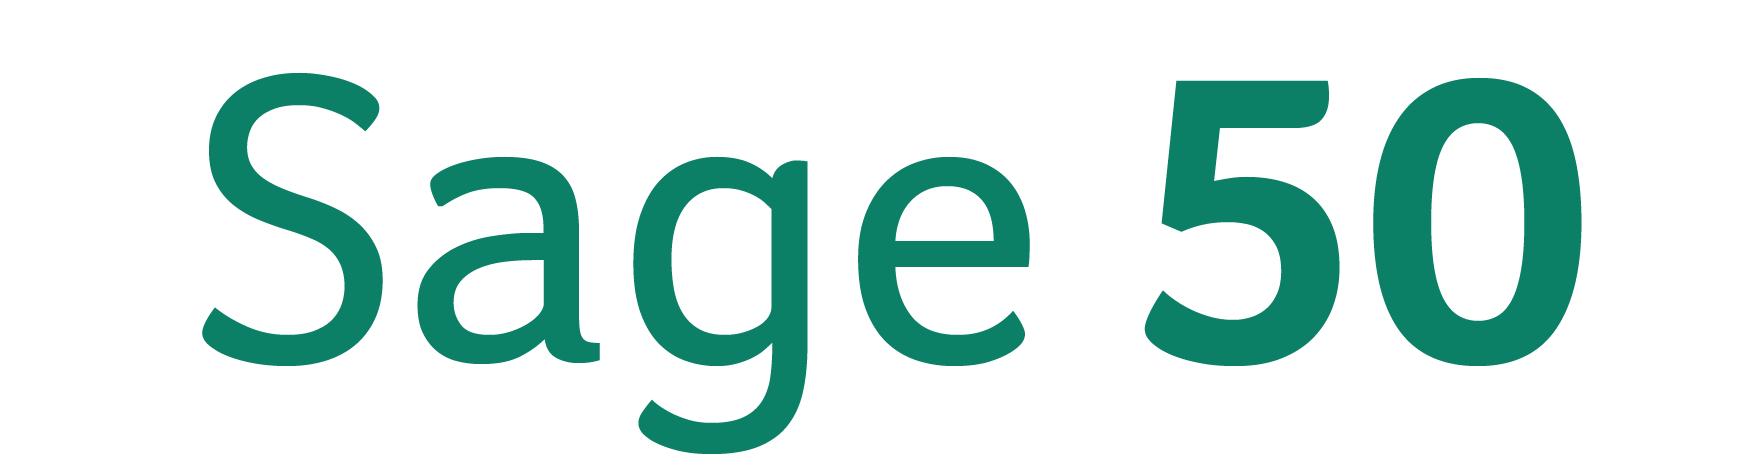 Sage 50 – Abenaki Associates